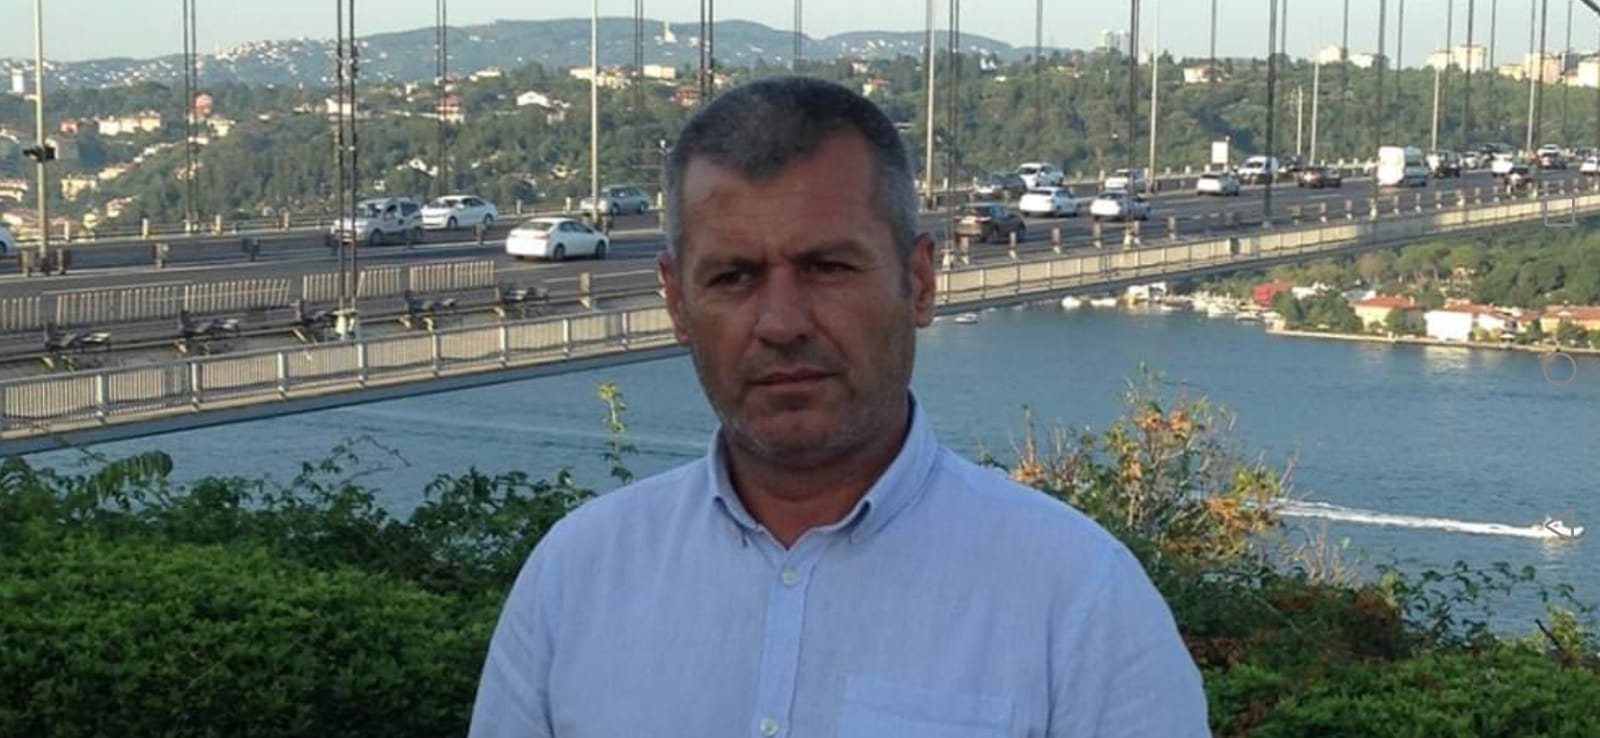 Türk şoför 'ün cenazesi Polonya da takılı kaldı.